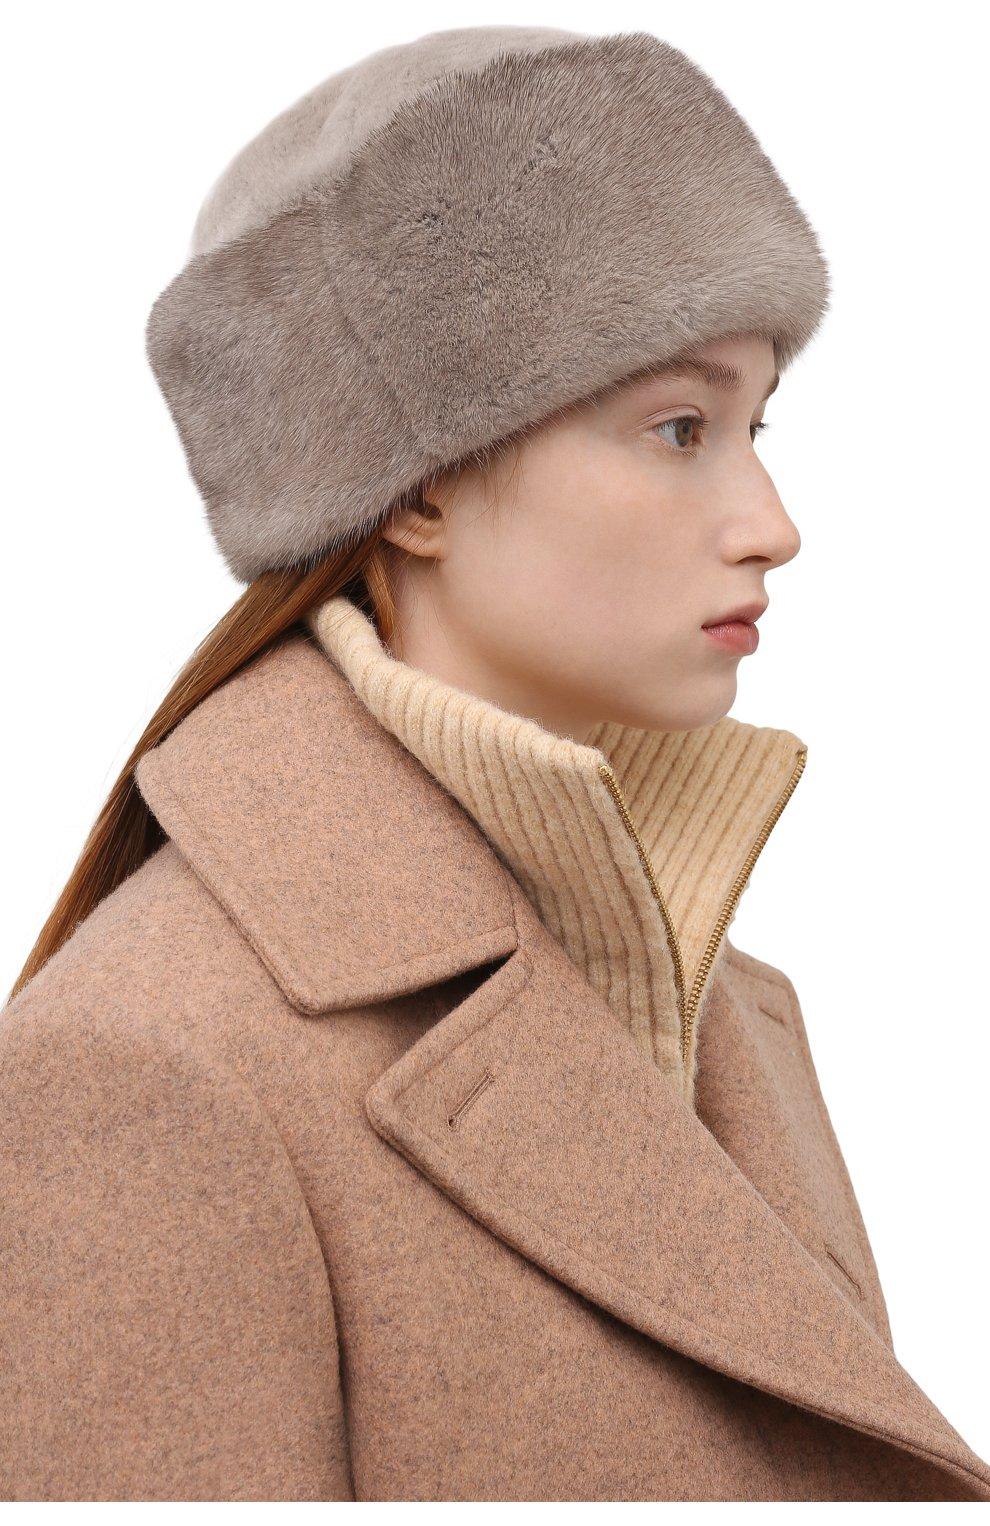 Женская шапка из меха норки FURLAND серого цвета, арт. 0163500140104600000 | Фото 2